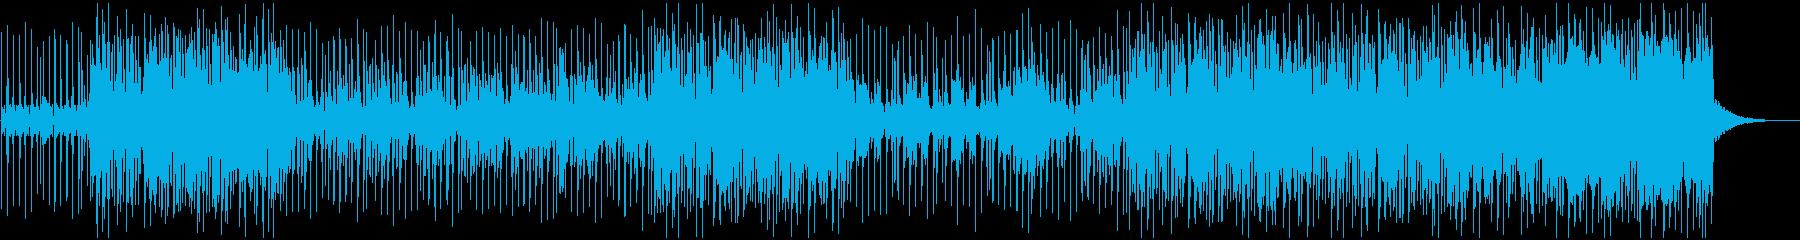 色っぽくも寂しい大人のピアノポップ曲の再生済みの波形